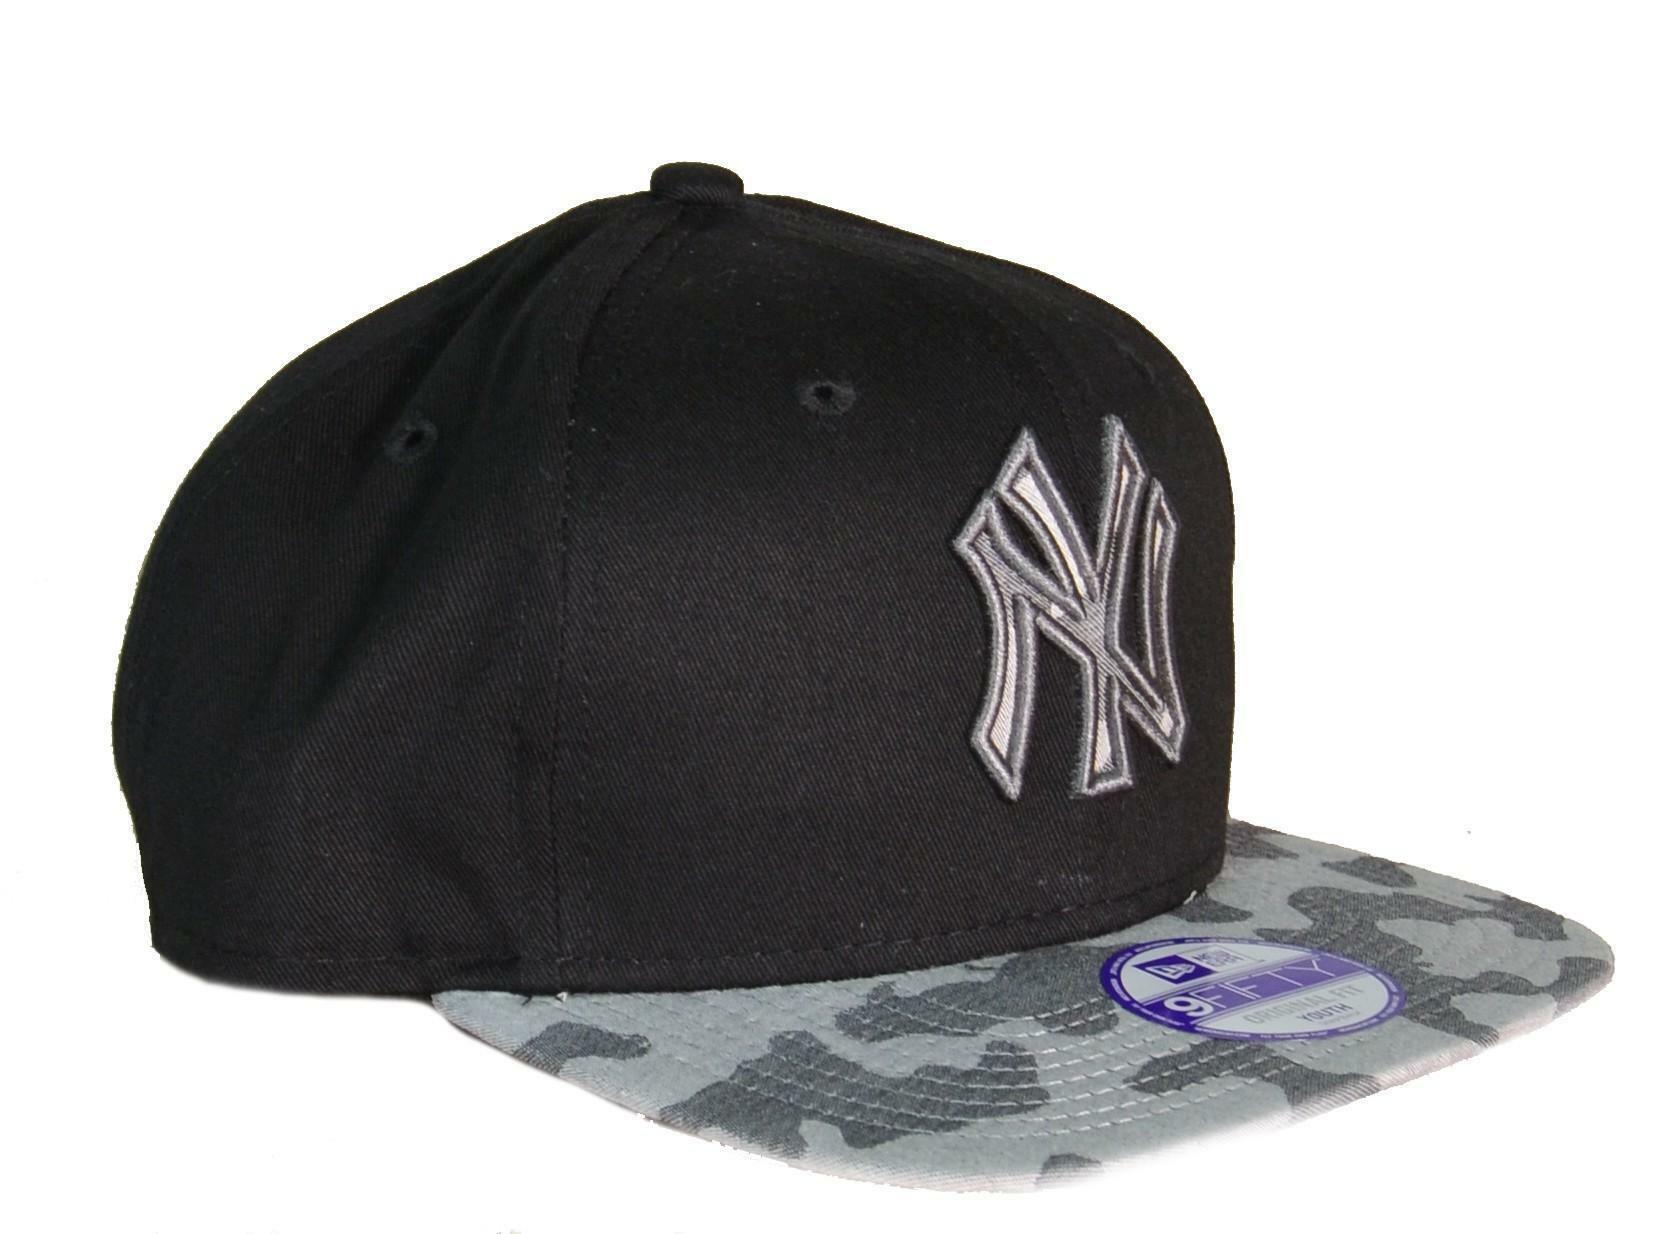 new era new era cappello bambino nero militare camo